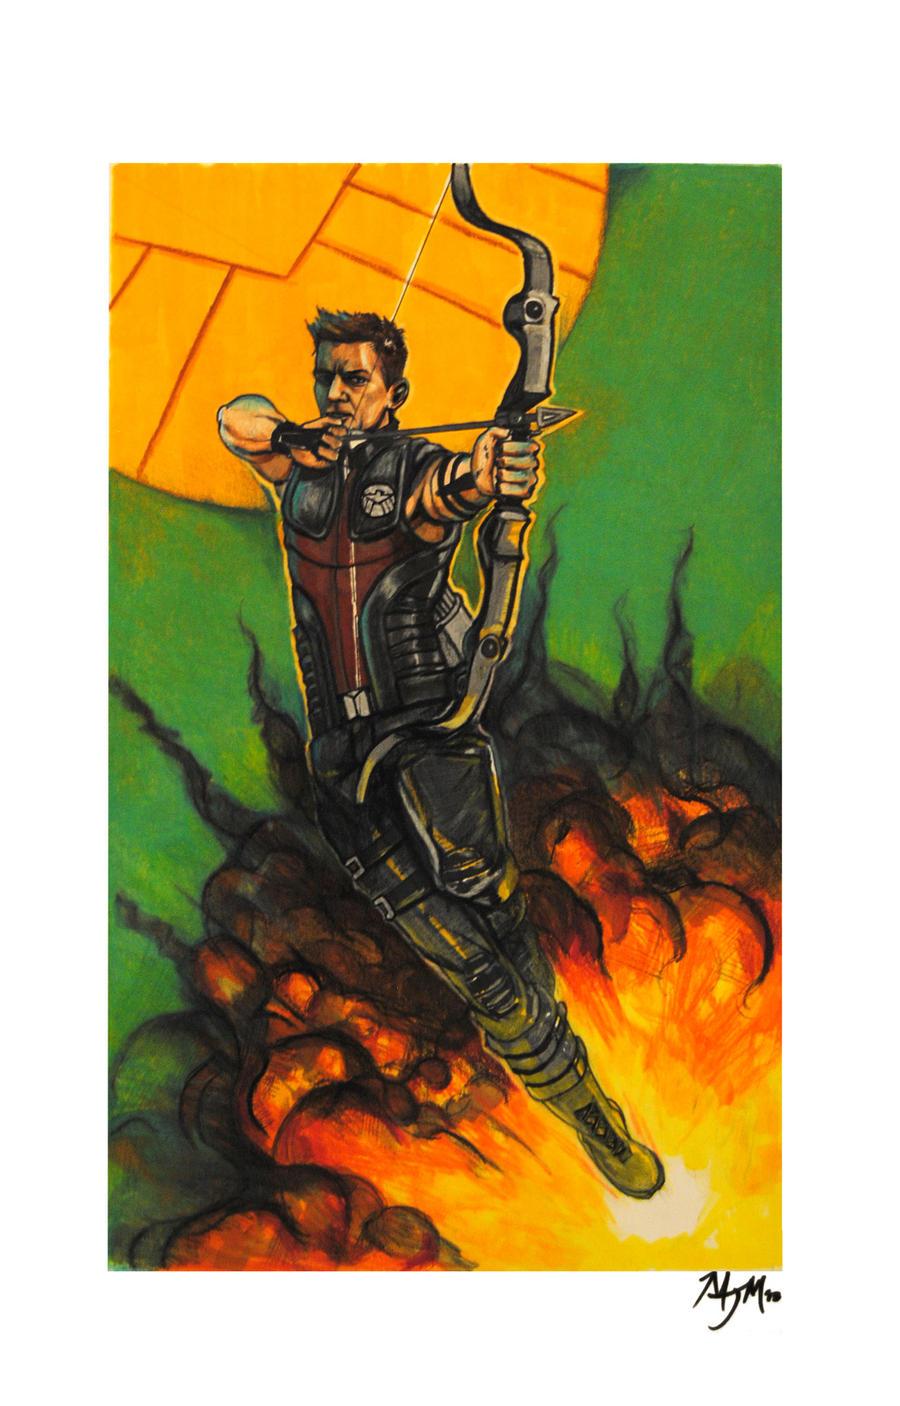 The Avengers Hawkeye by cqb